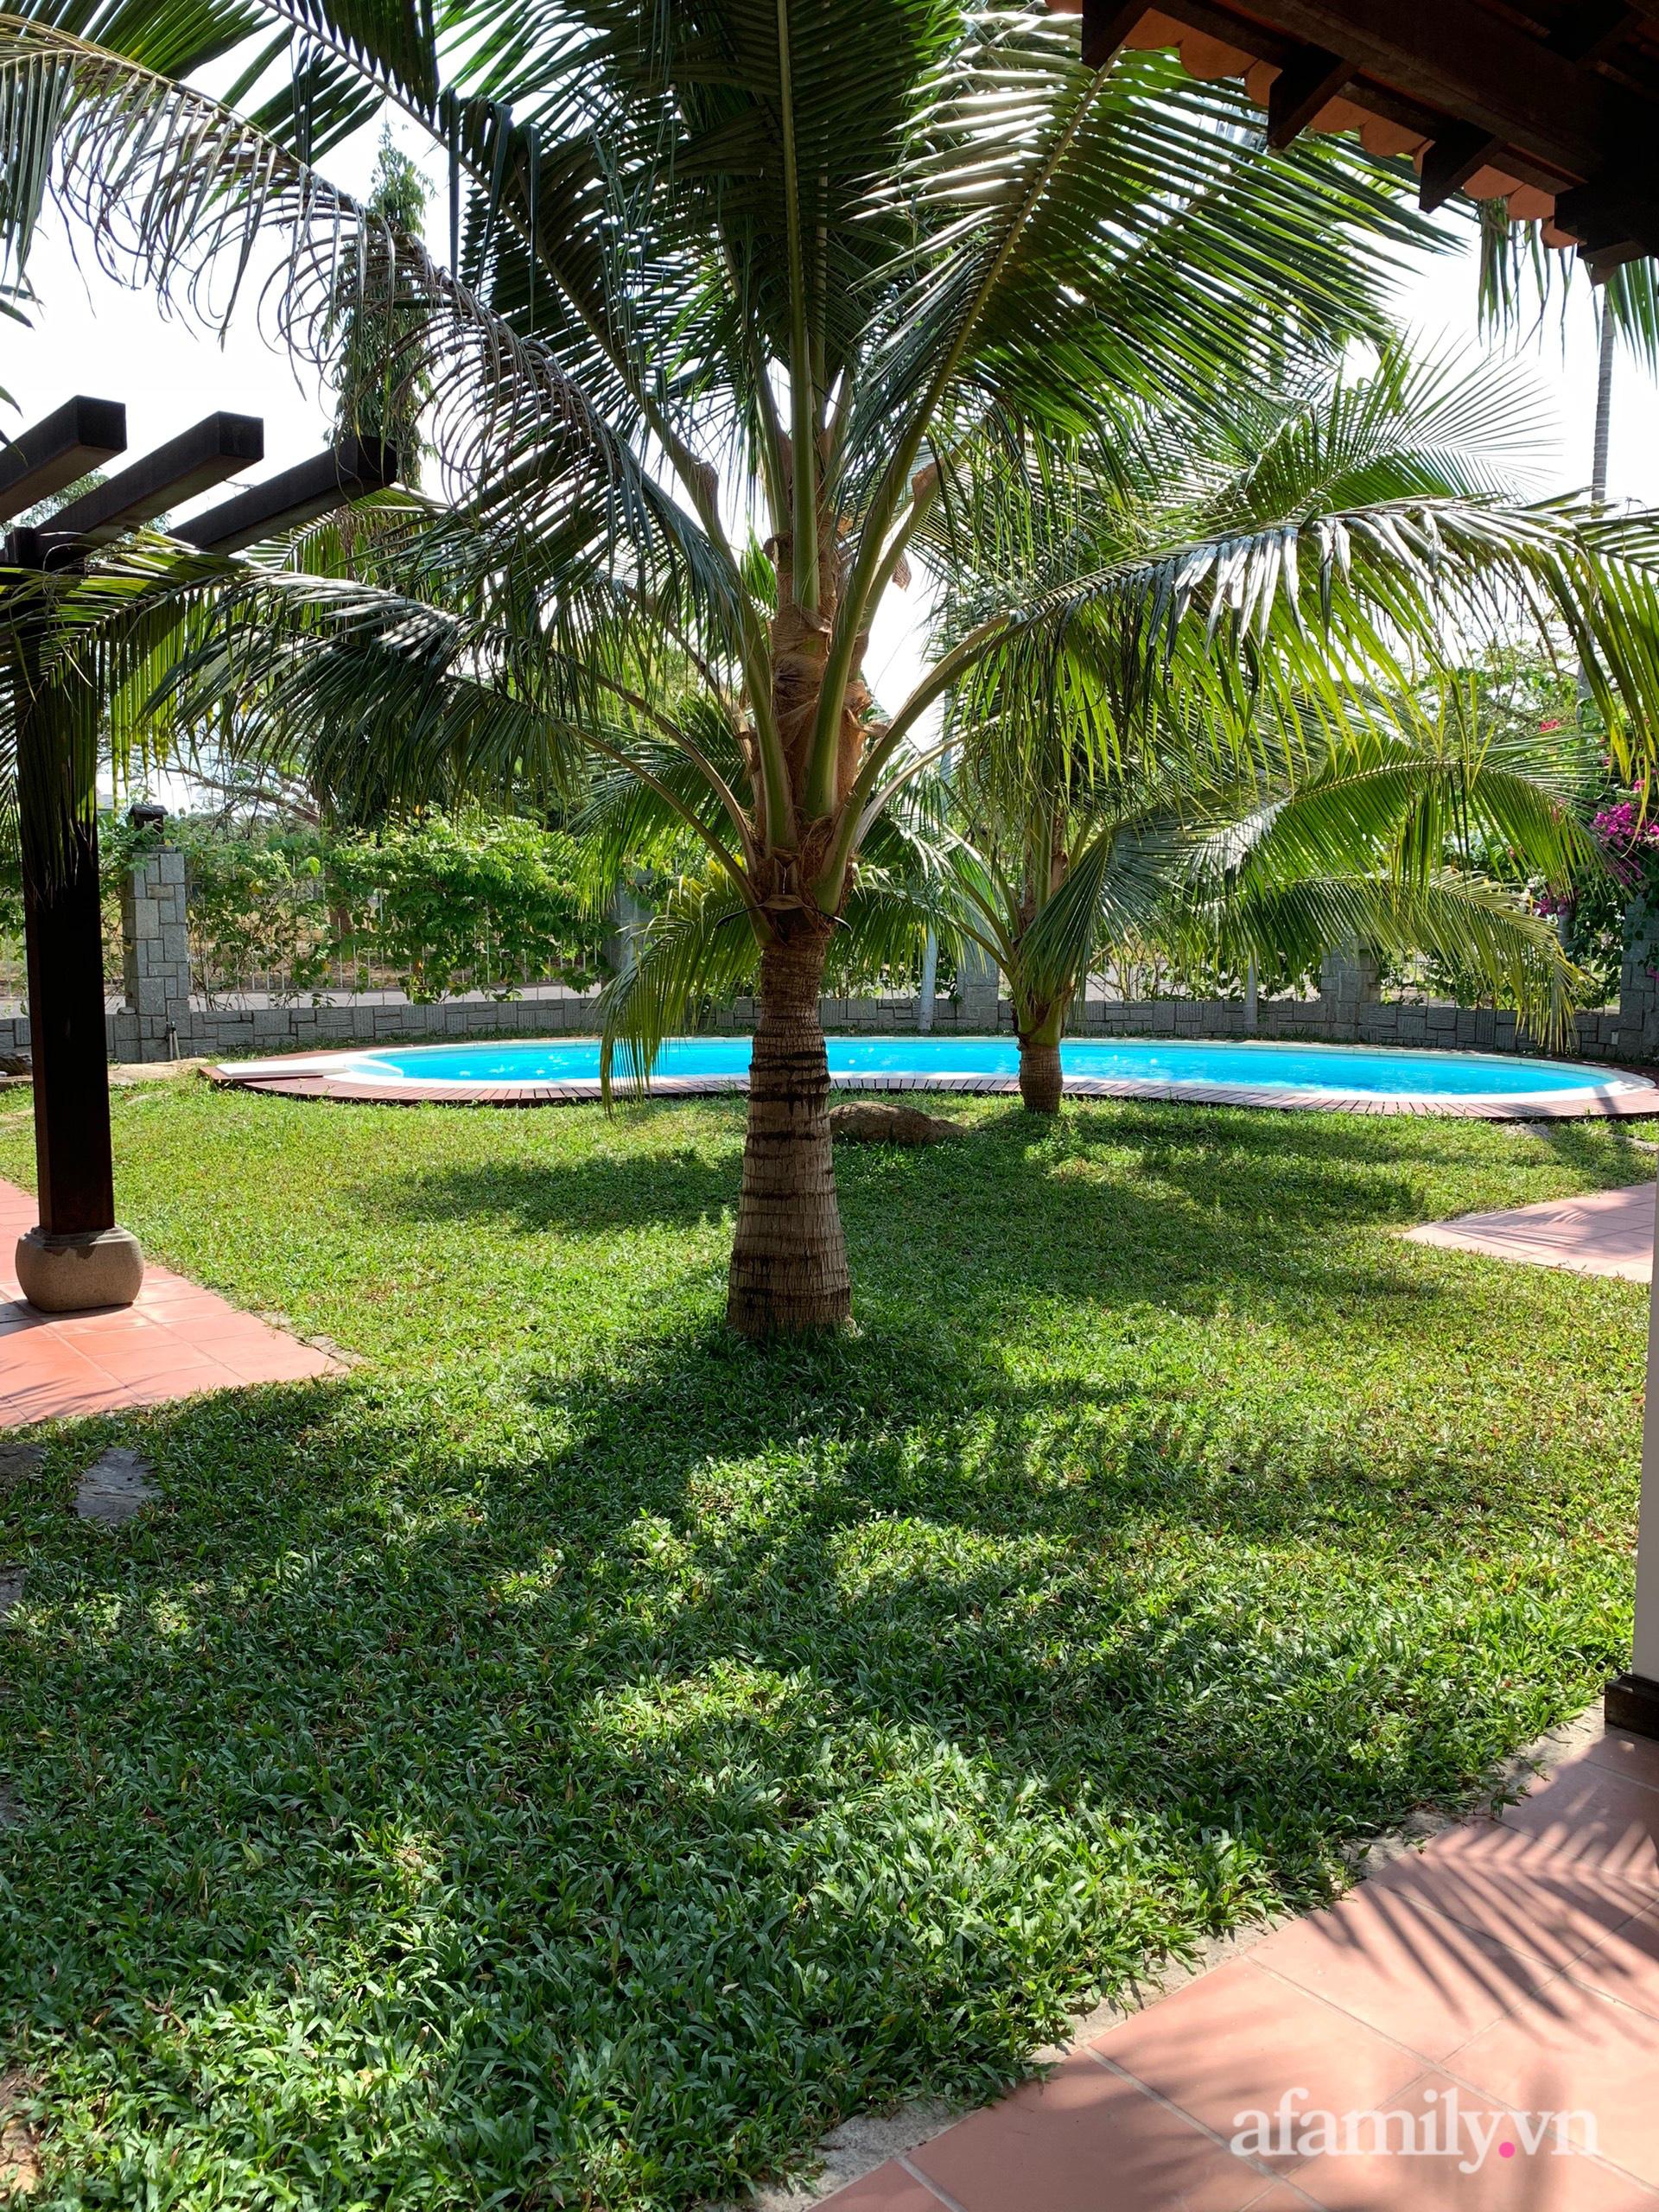 Căn nhà vườn xây 10 năm vẫn đẹp hút mắt với nội thất gỗ và cây xanh quanh nhà ở Nha Trang-30